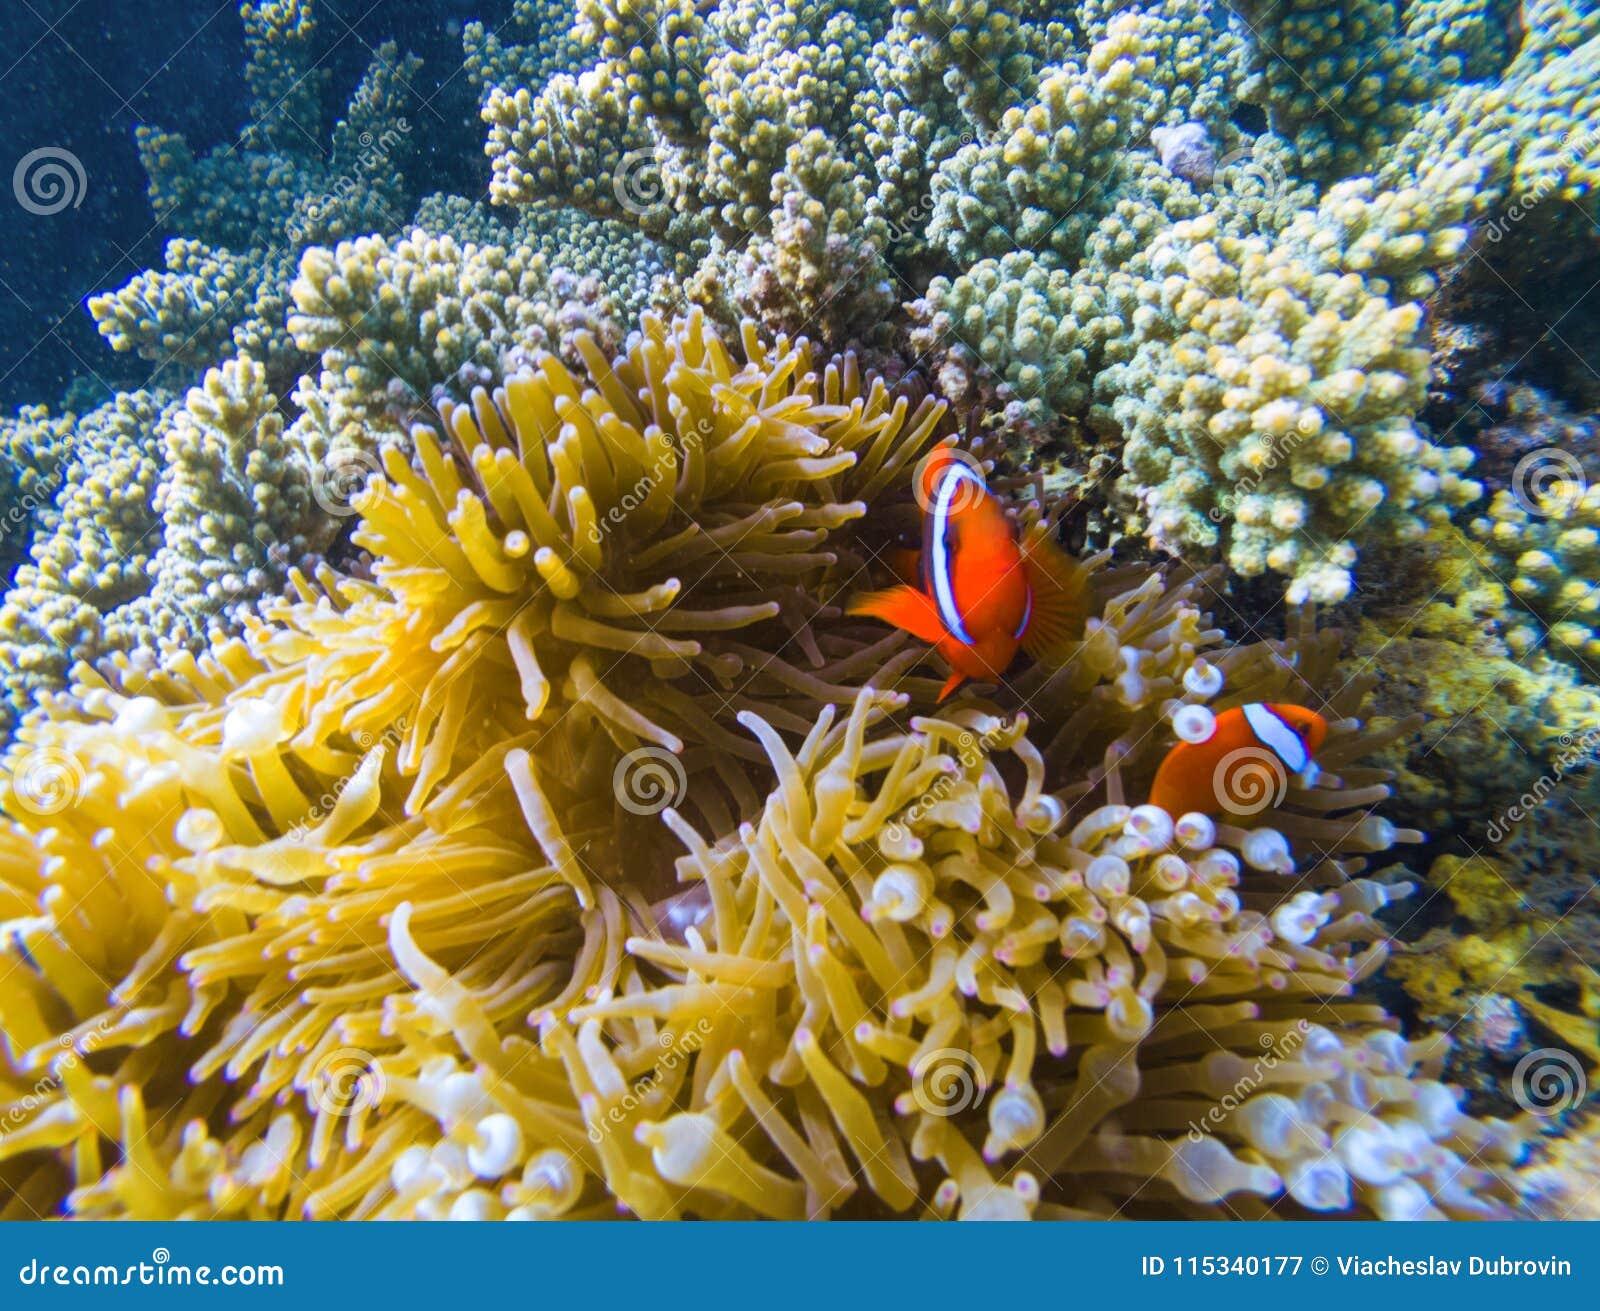 W rafa koralowa tropikalna ryba Pomarańczowi clownfish w żółtych aktynach